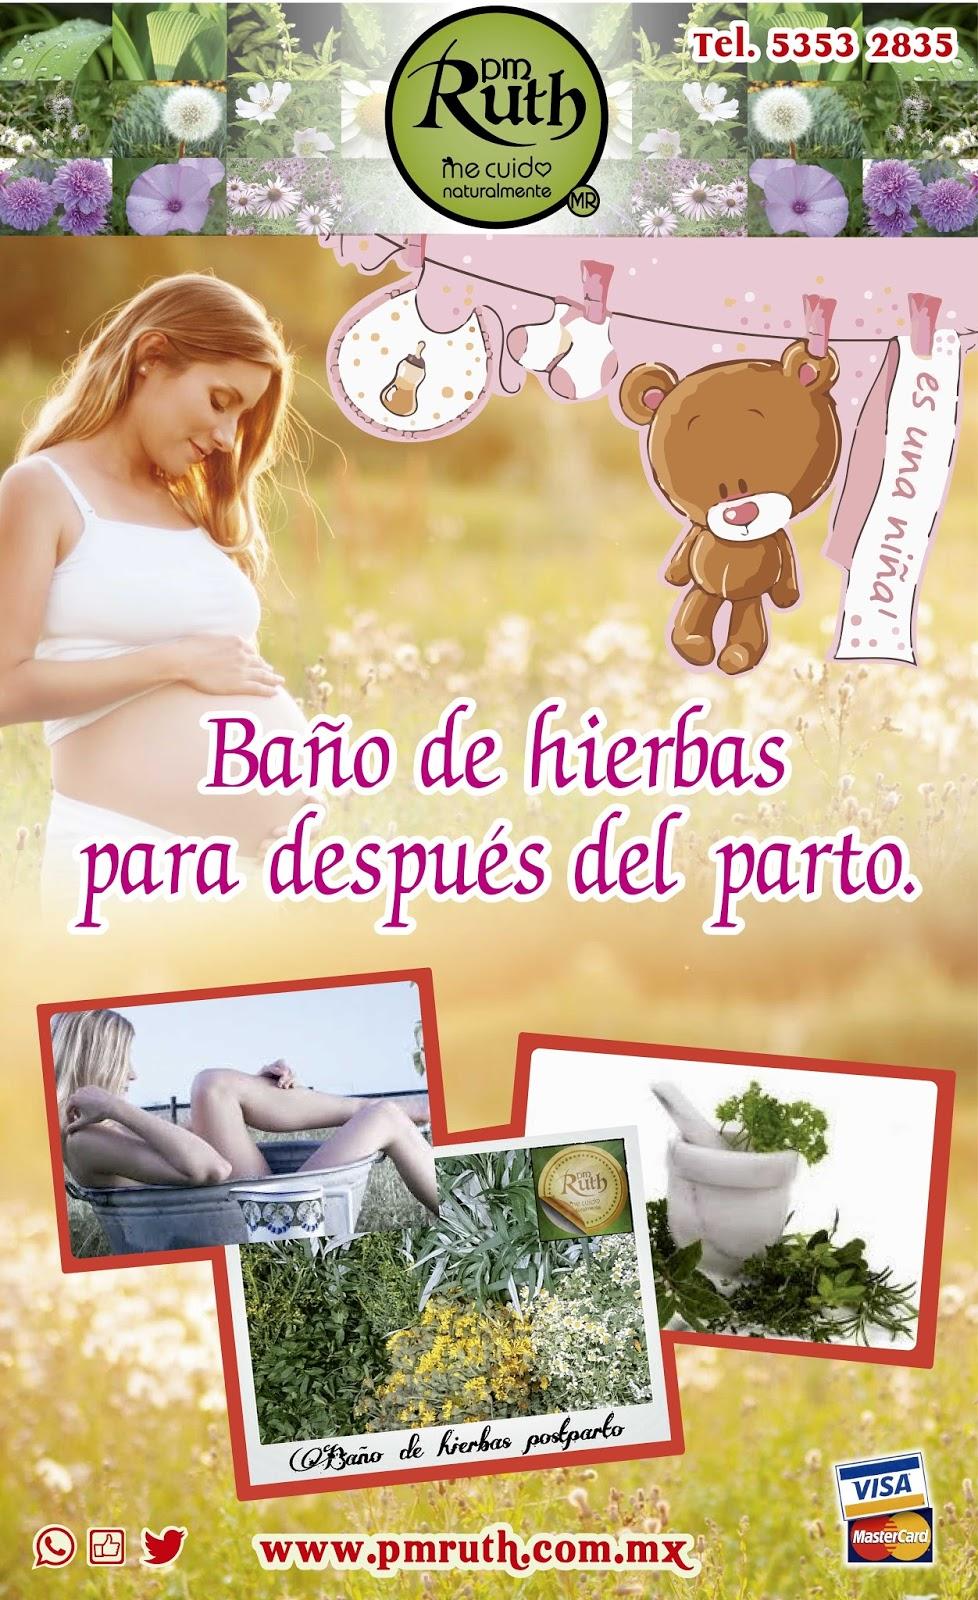 Plantas Medicinales Ruth: BAÑO DE HIERBAS POST-PARTO ó PARA ...